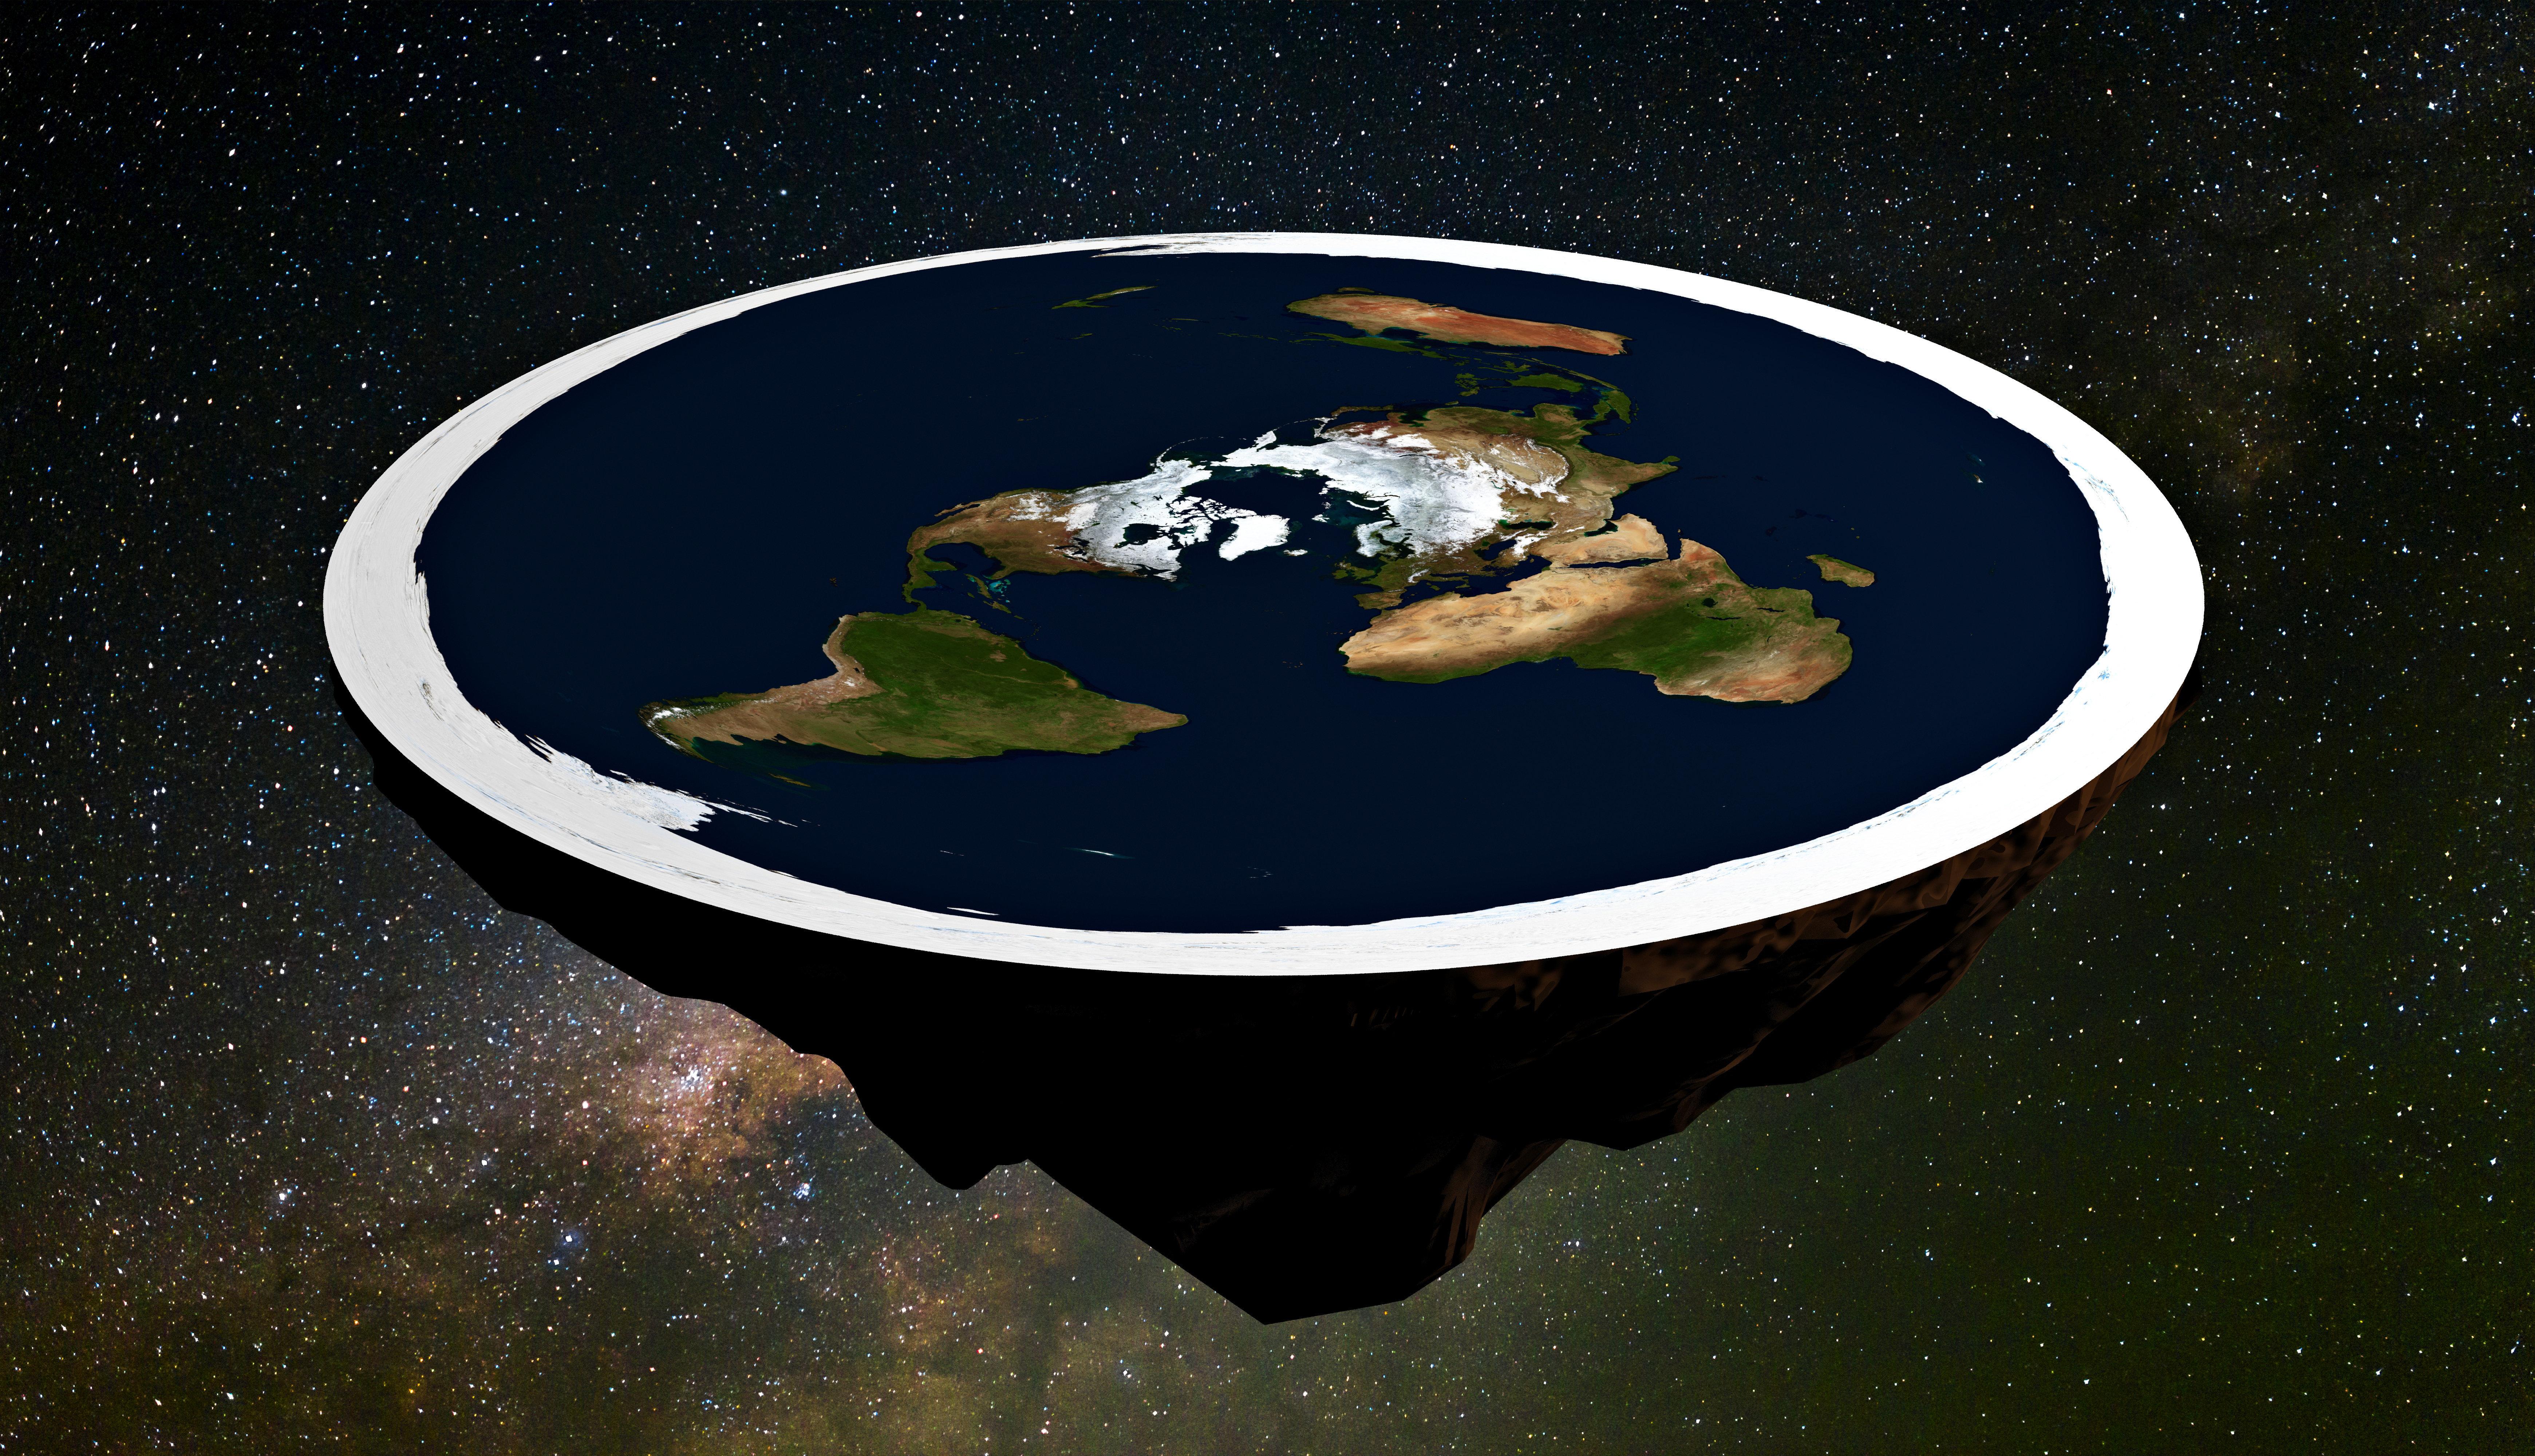 Αναρωτιέστε ακόμα ποιοι πιστεύουν ότι η Γη είναι επίπεδη; Σίγουρα όχι αυτοί που νομίζατε. Πριν γελάσετε δείτε το προφίλ